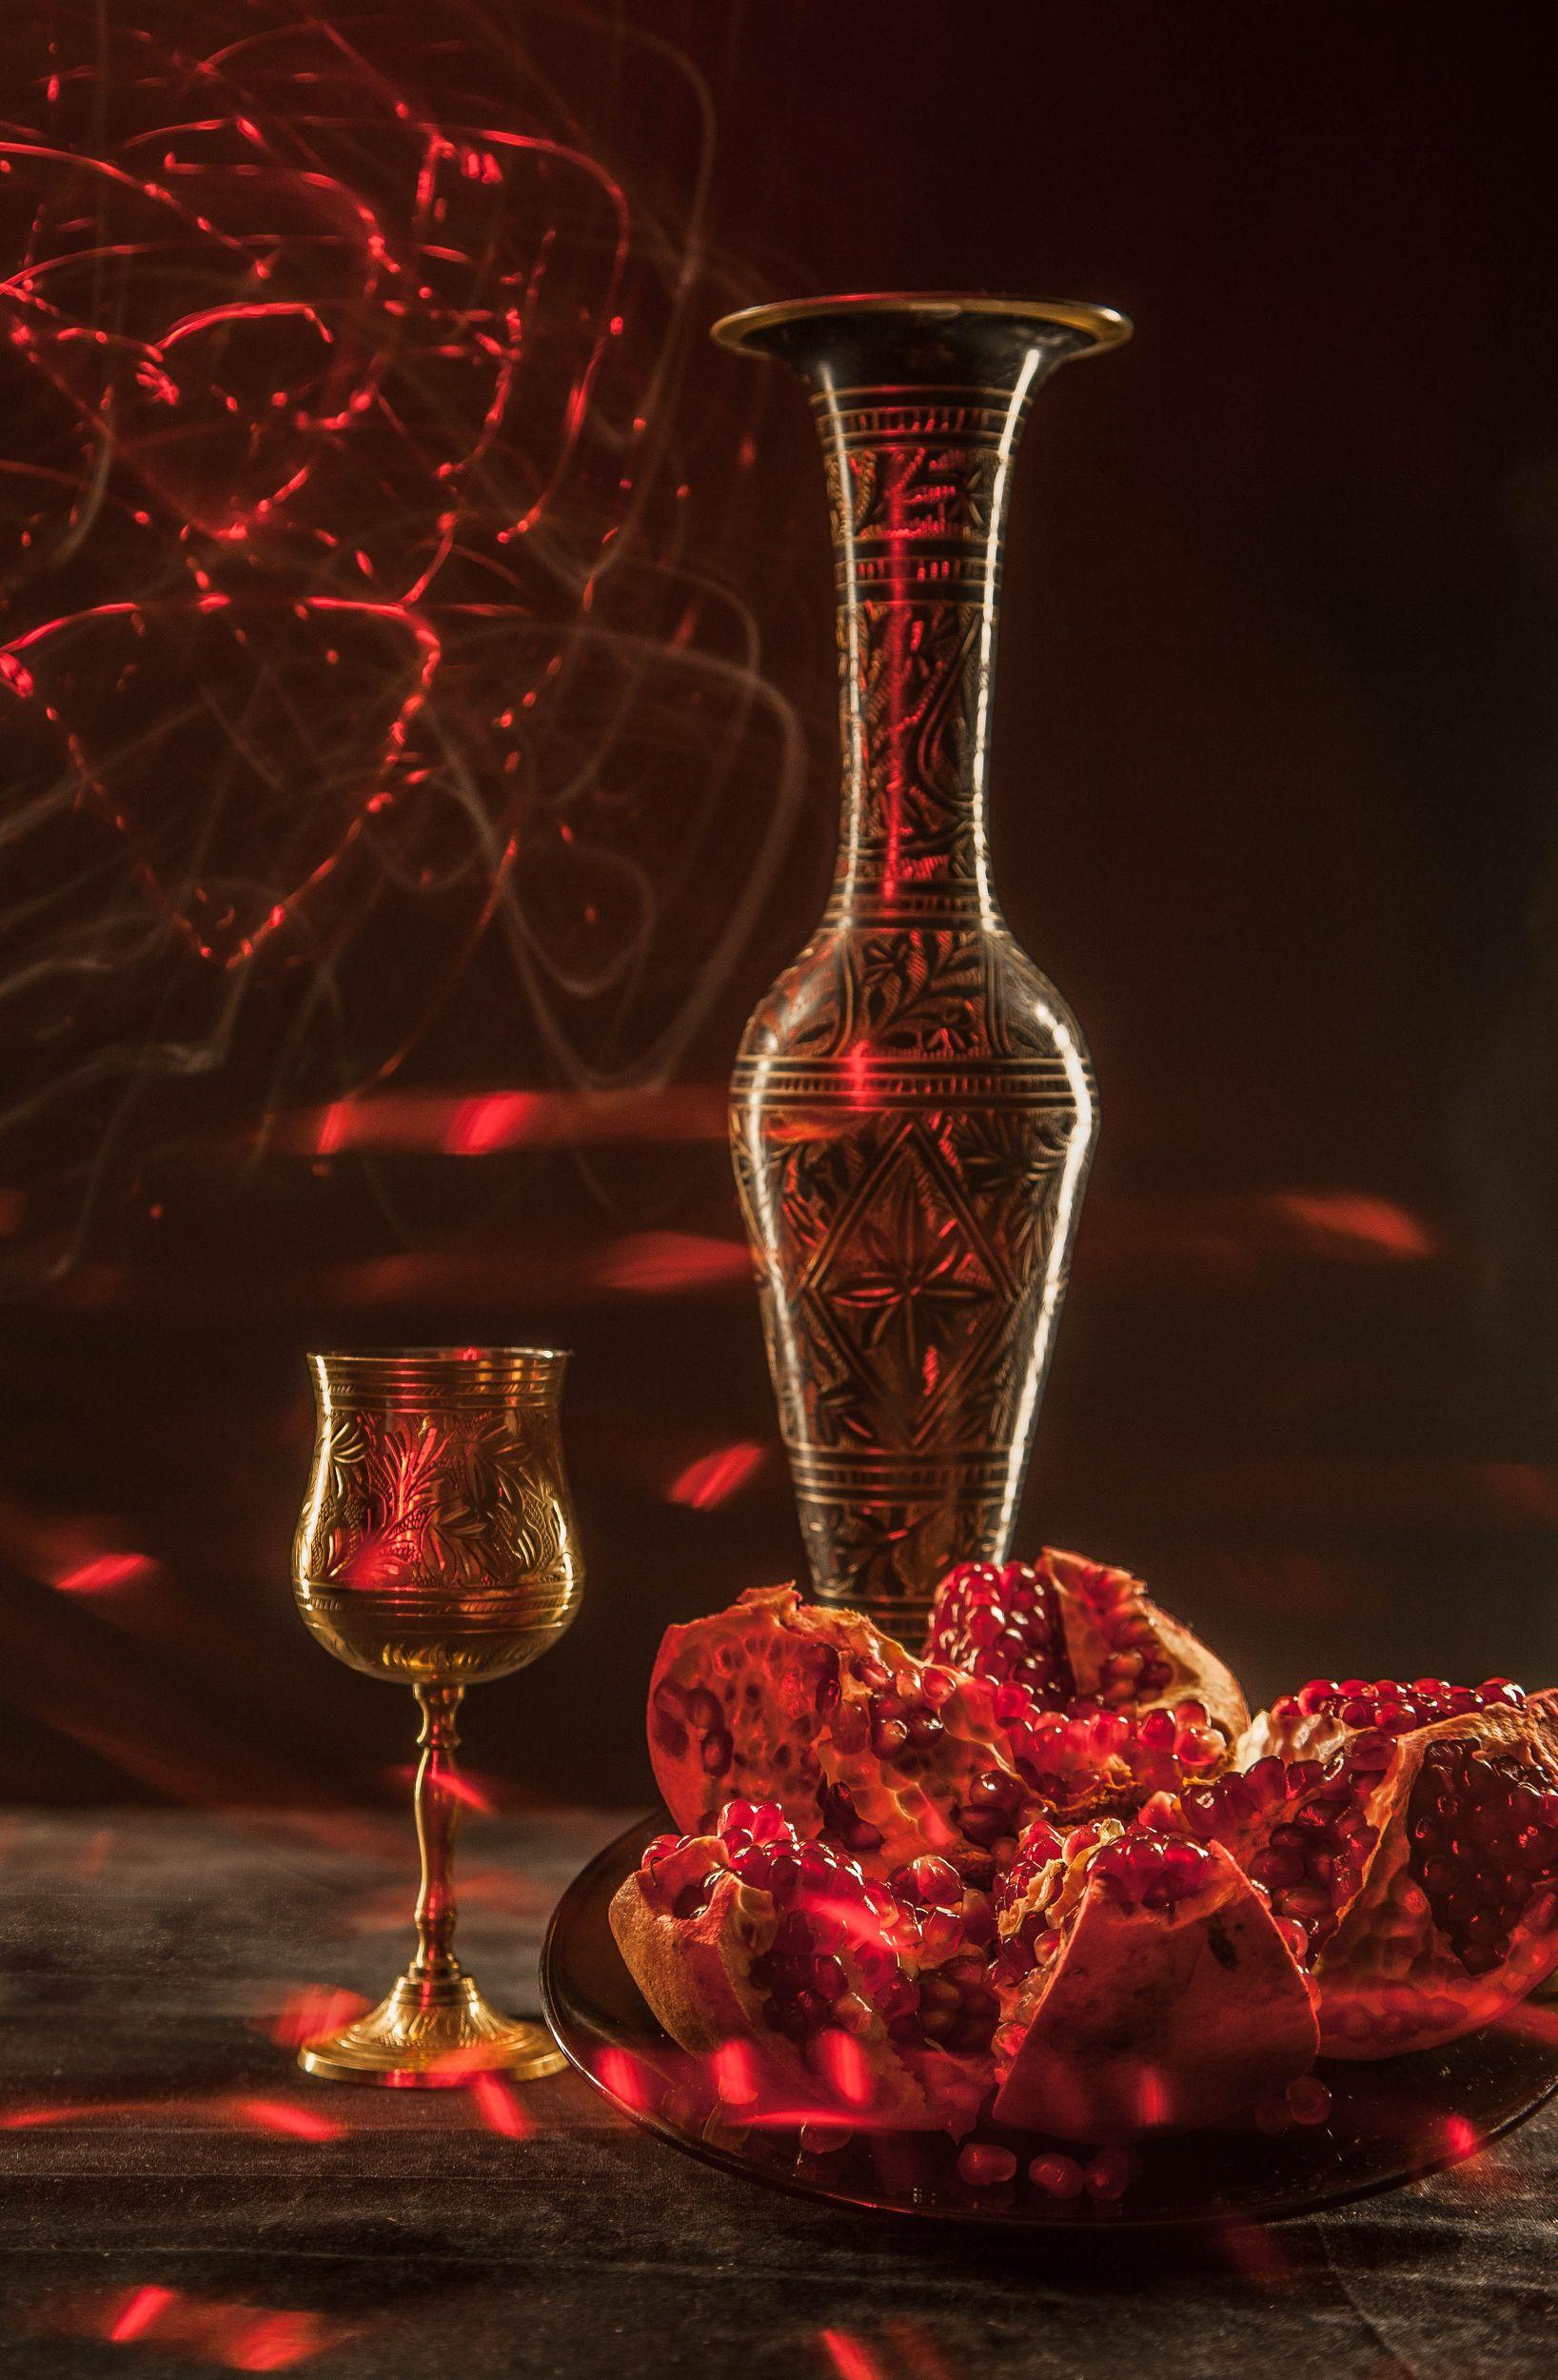 вино, гранат, искры, кубок, Сагдиева Эльвира